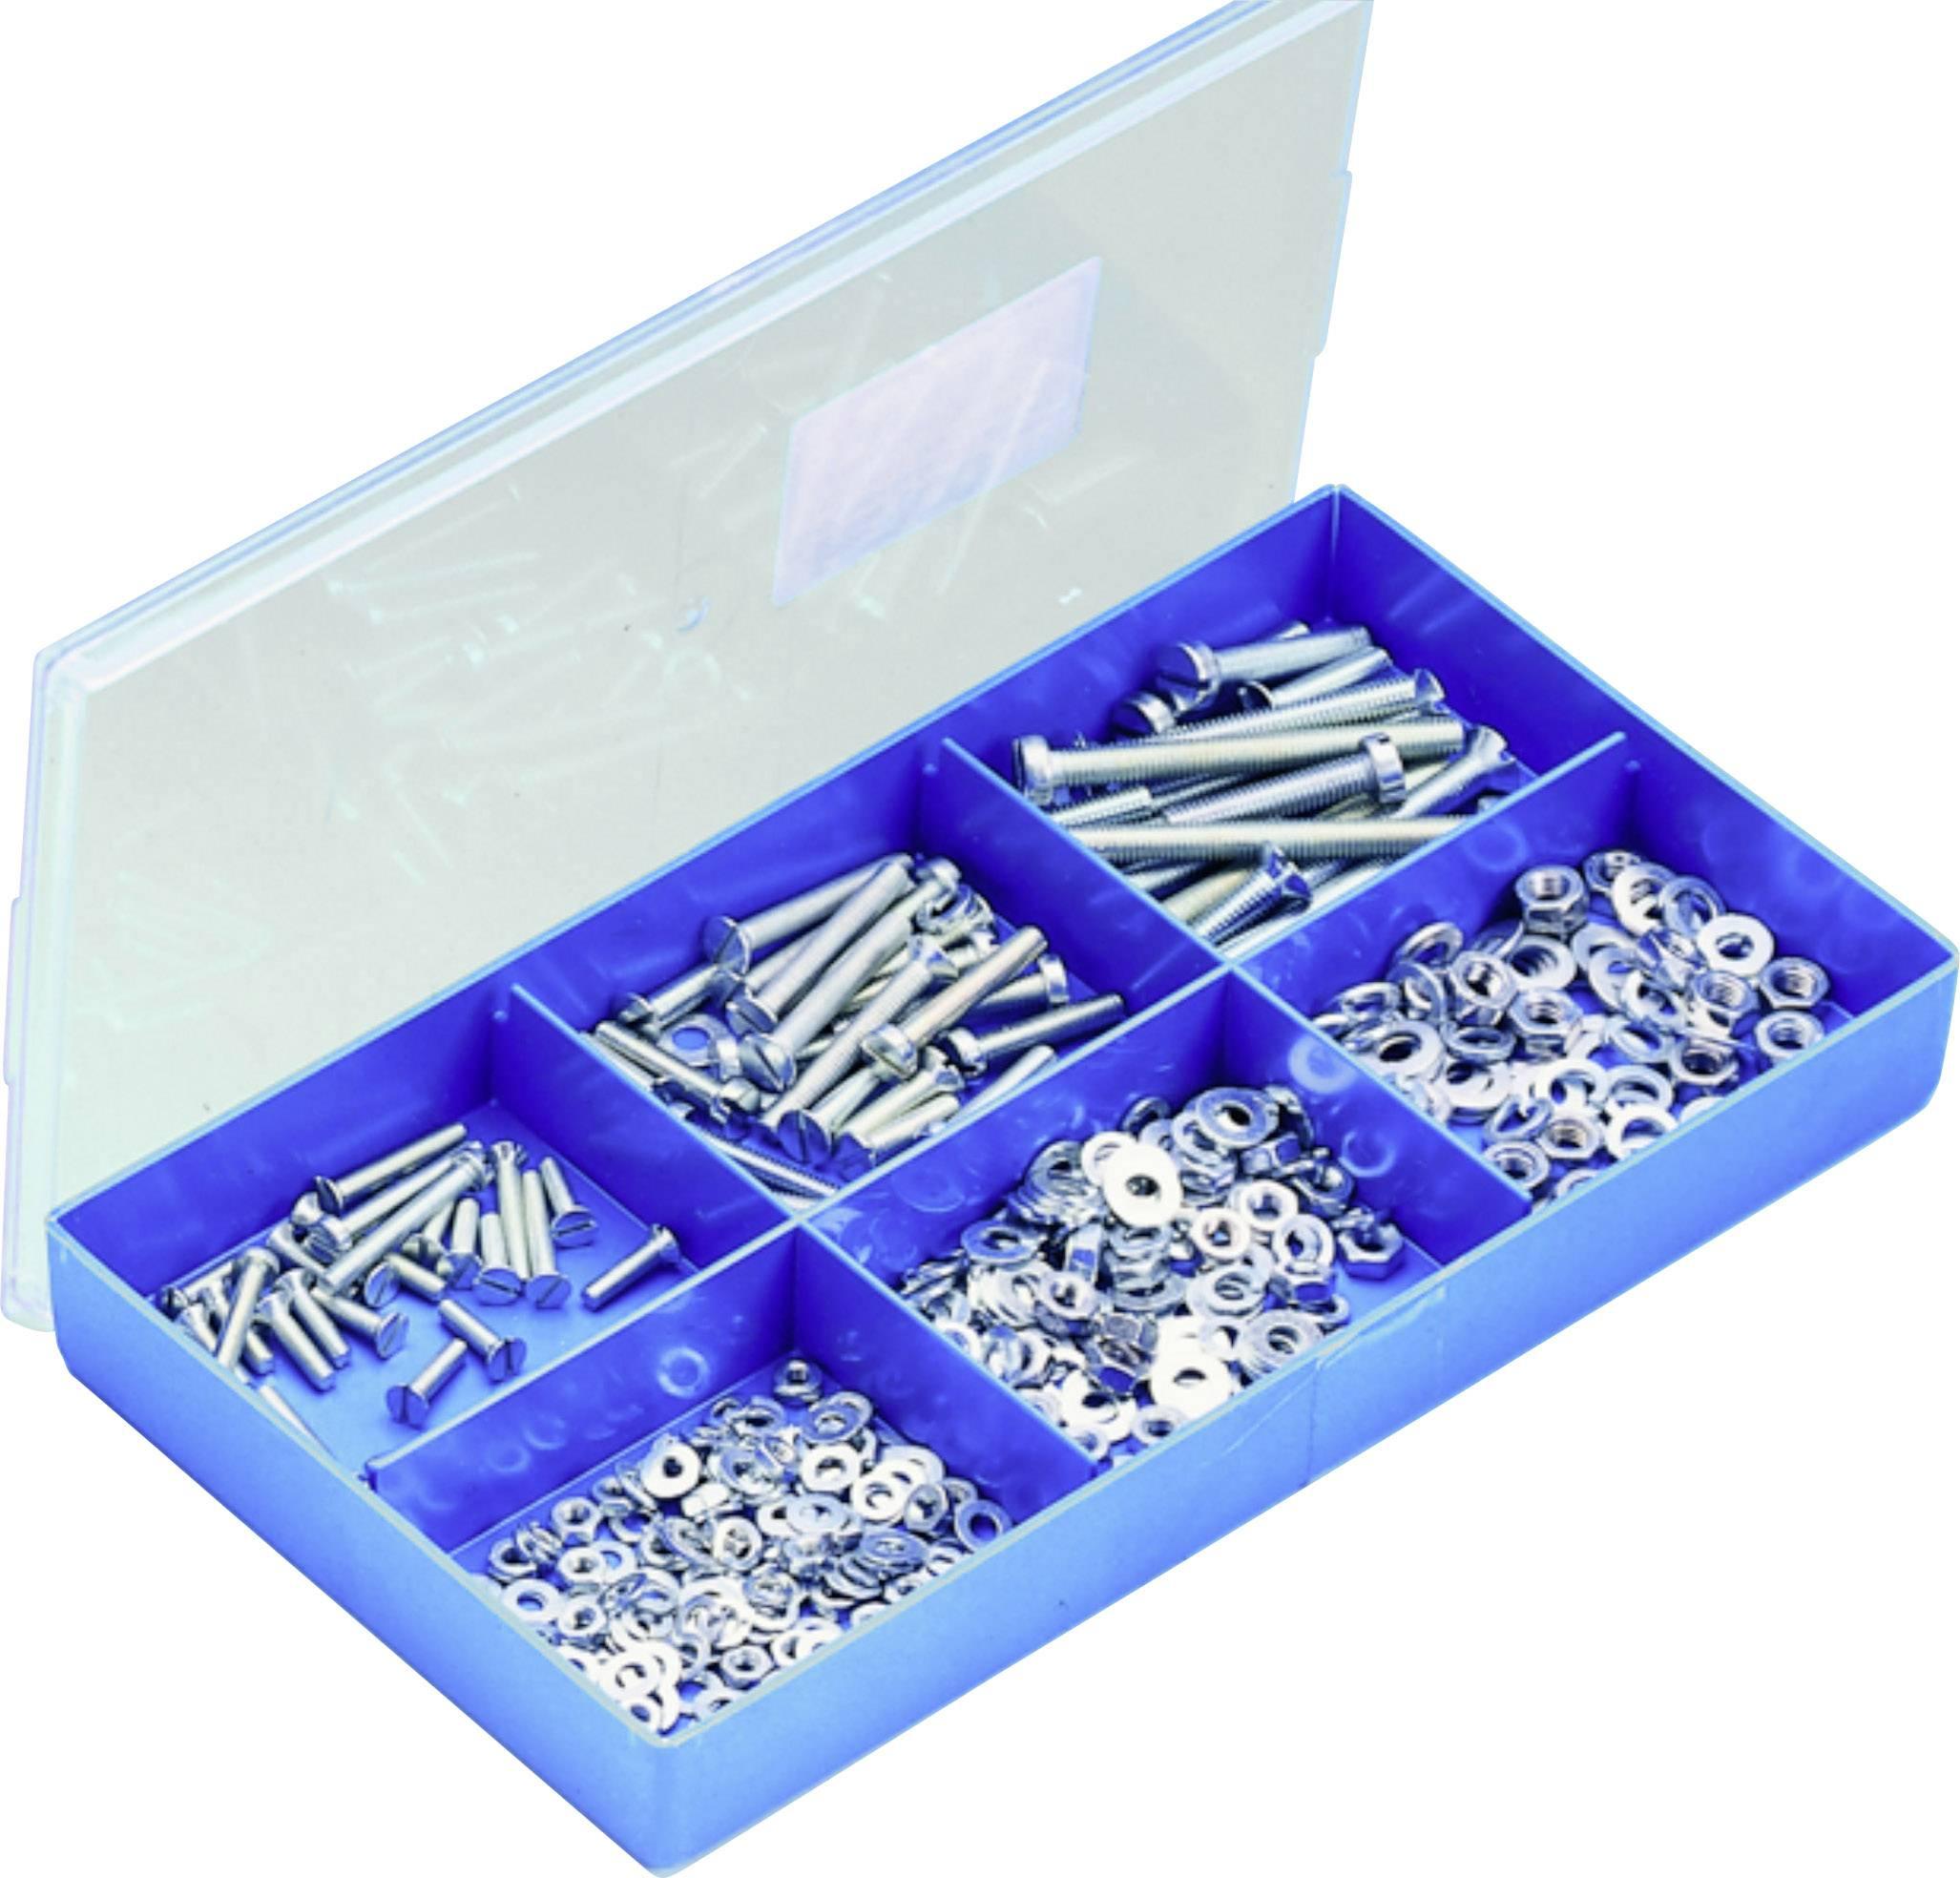 400 - dielny sortiment metrických skrutiek